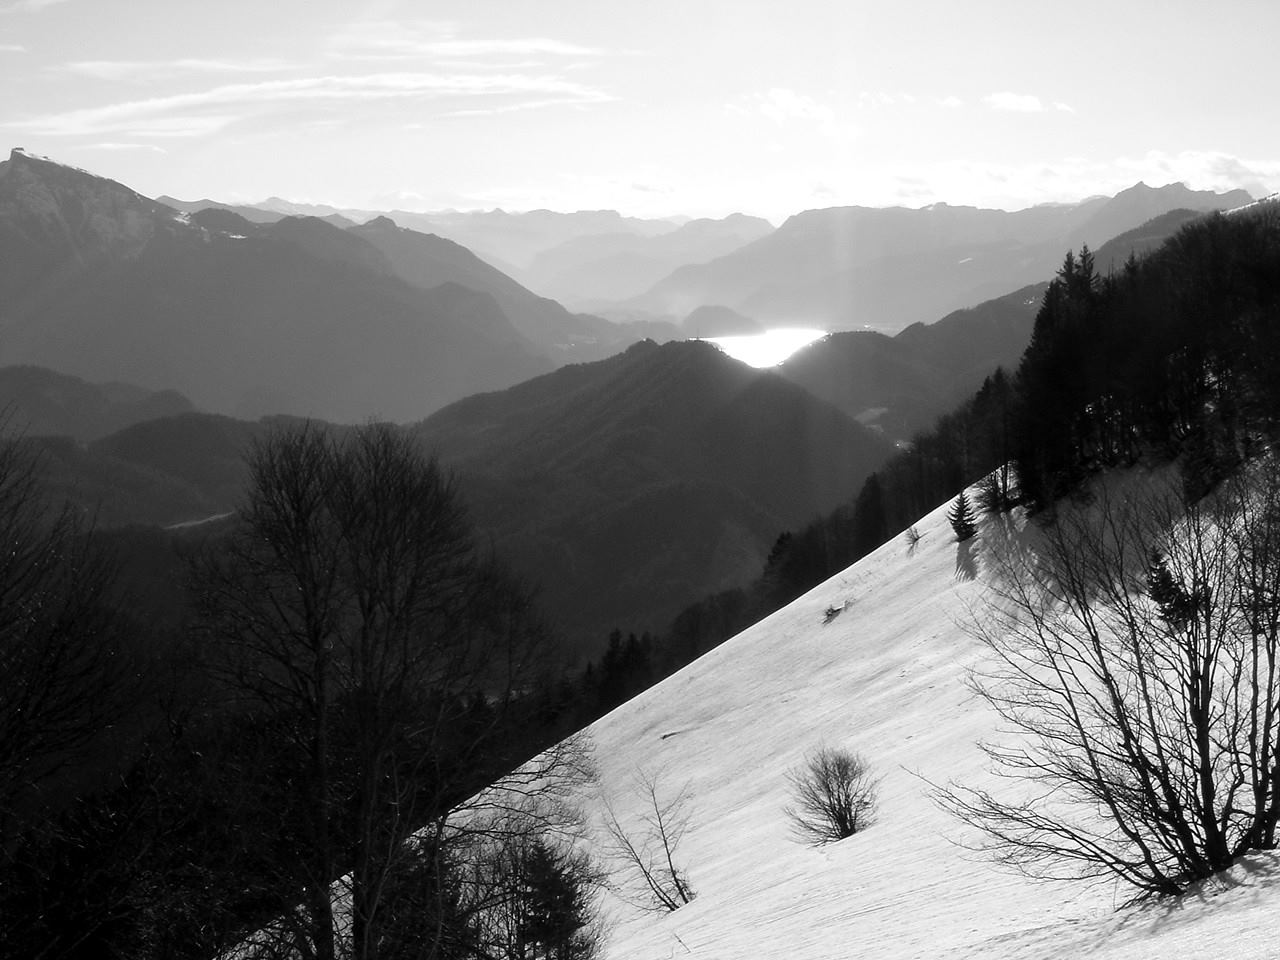 Foto: Manfred Karl / Wander Tour / Aus der Tiefbrunnau auf den Filbling / Blick gegen den Wolfgangsee, links am Bildrand der St. Wolfganger Schafberg. / 25.04.2007 23:23:11